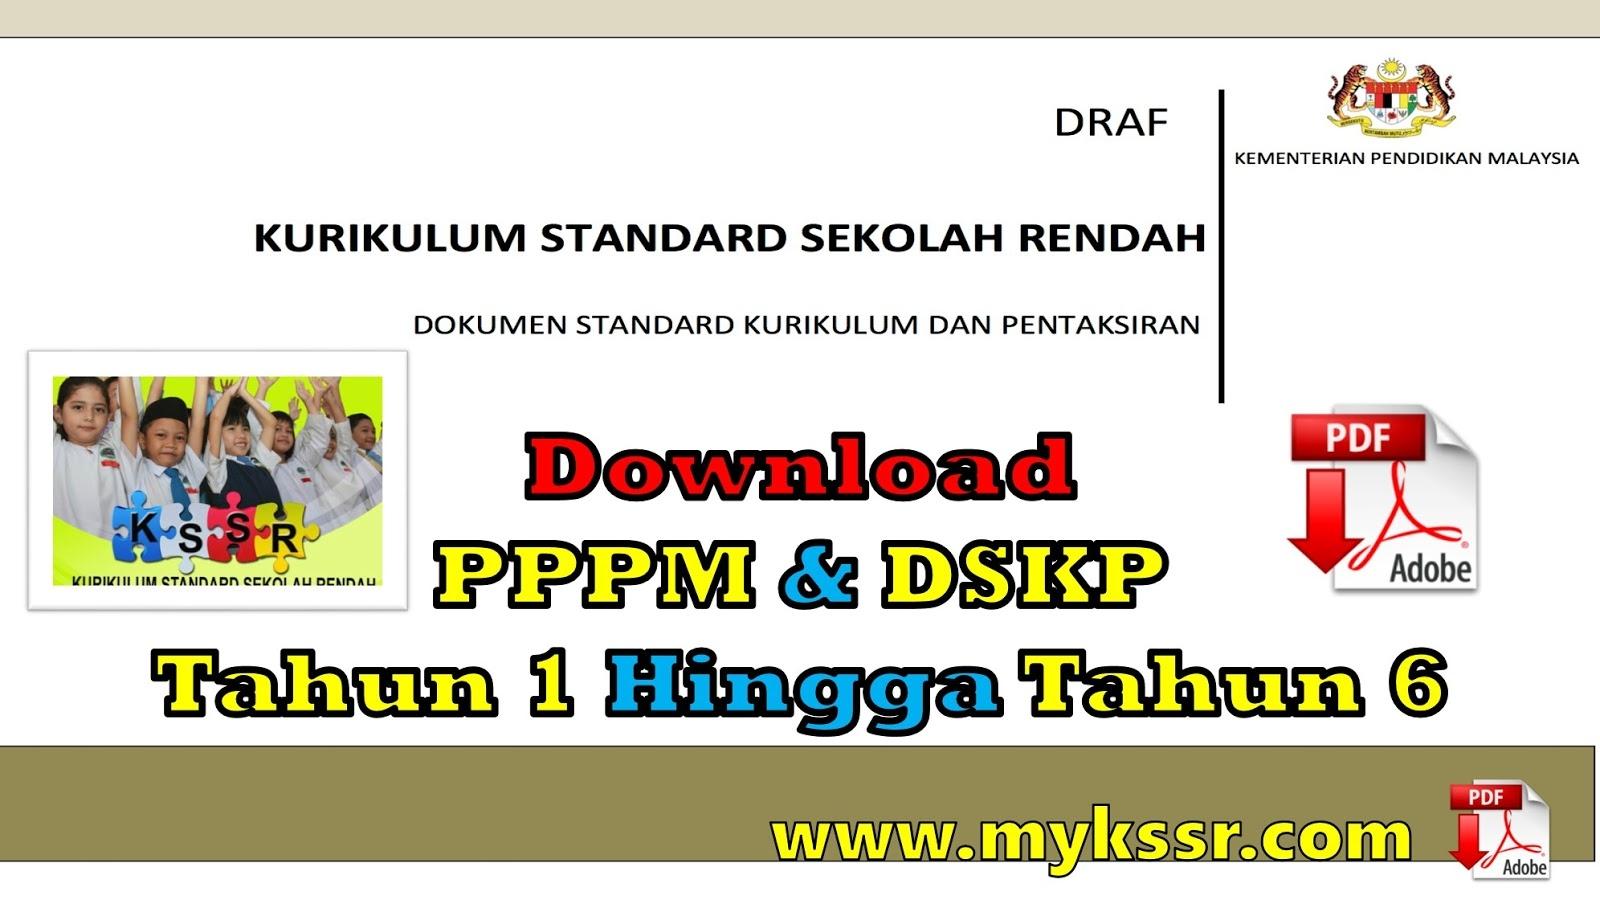 Download Rpt Bahasa Melayu Tahun 1 Hebat Download Pppm Dskp Tahun 1 Hingga Tahun 6 Mykssr Com Of Kumpulan Rpt Bahasa Melayu Tahun 1 Yang Boleh Di Cetak Dengan Segera